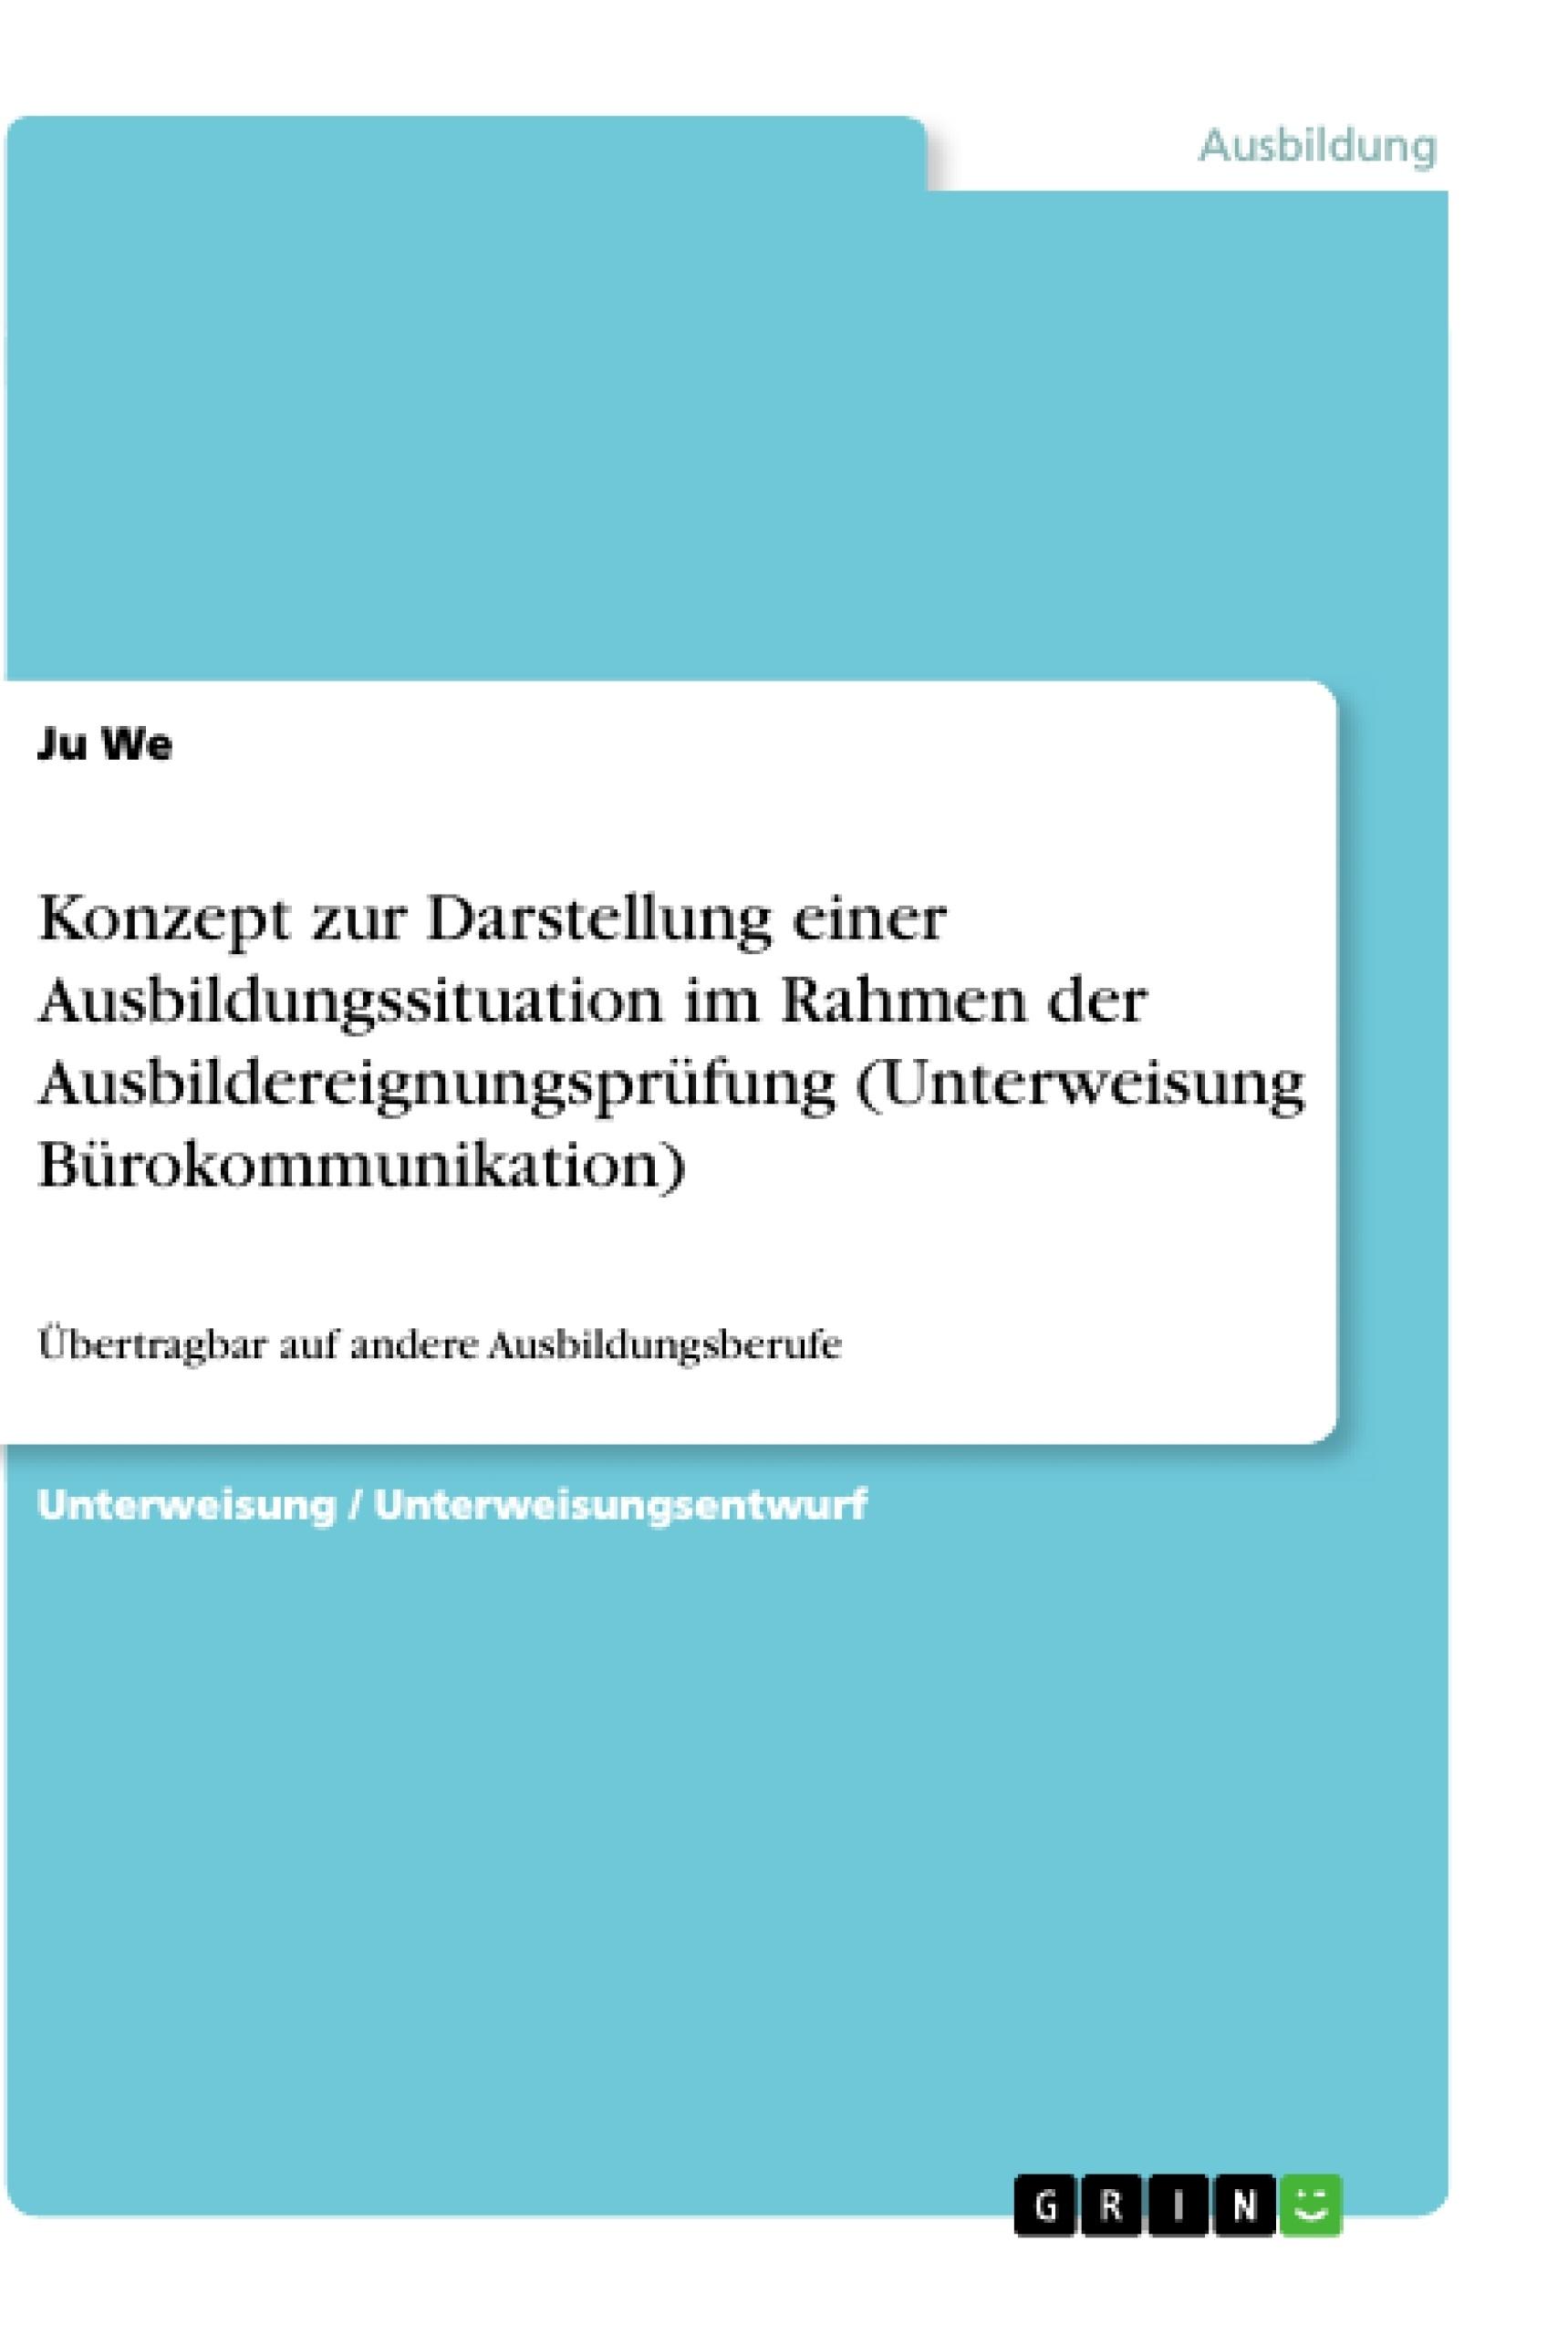 Titel: Konzept zur Darstellung einer Ausbildungssituation im Rahmen der Ausbildereignungsprüfung (Unterweisung Bürokommunikation)